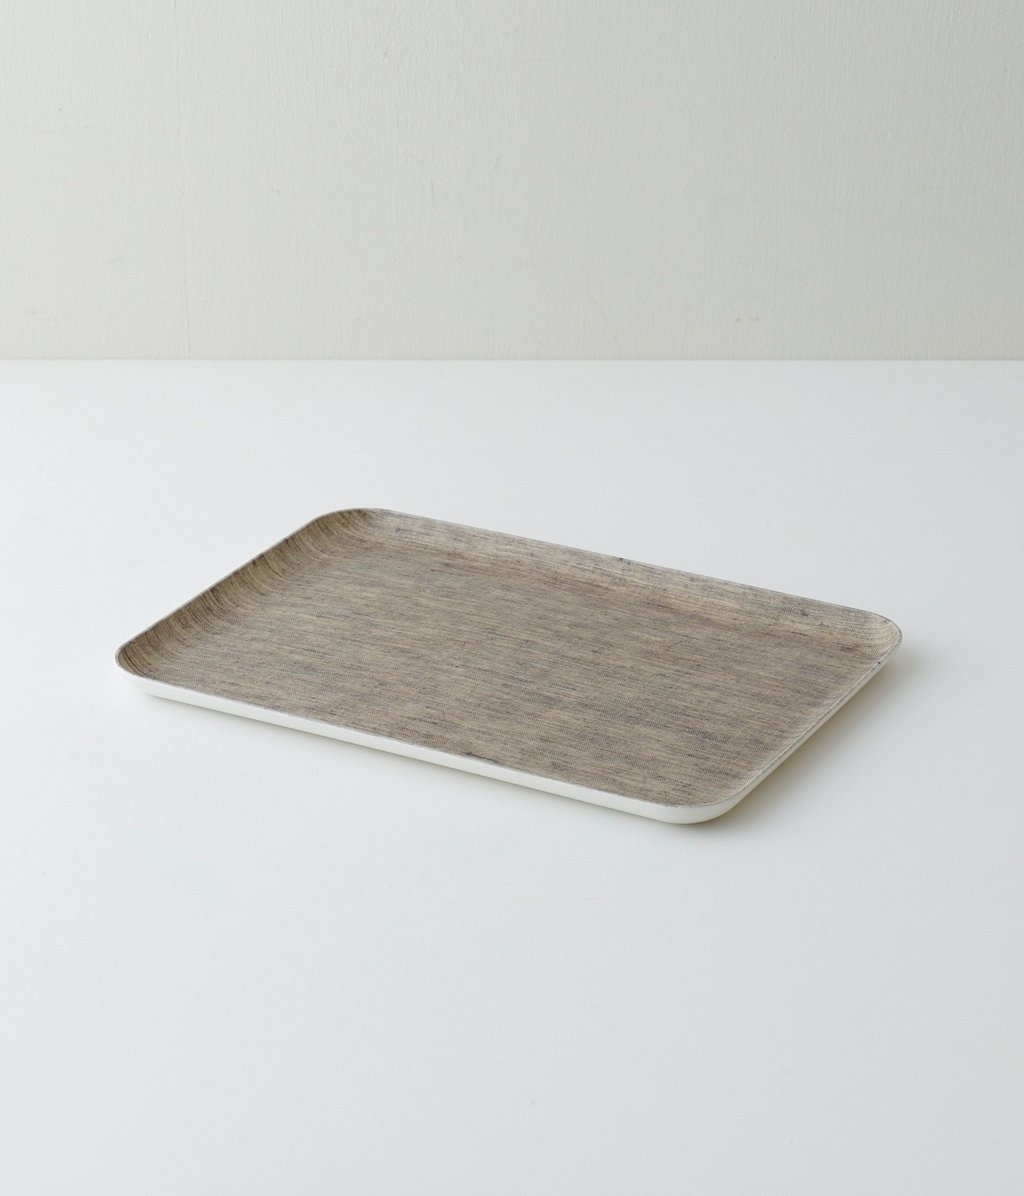 tray m-1